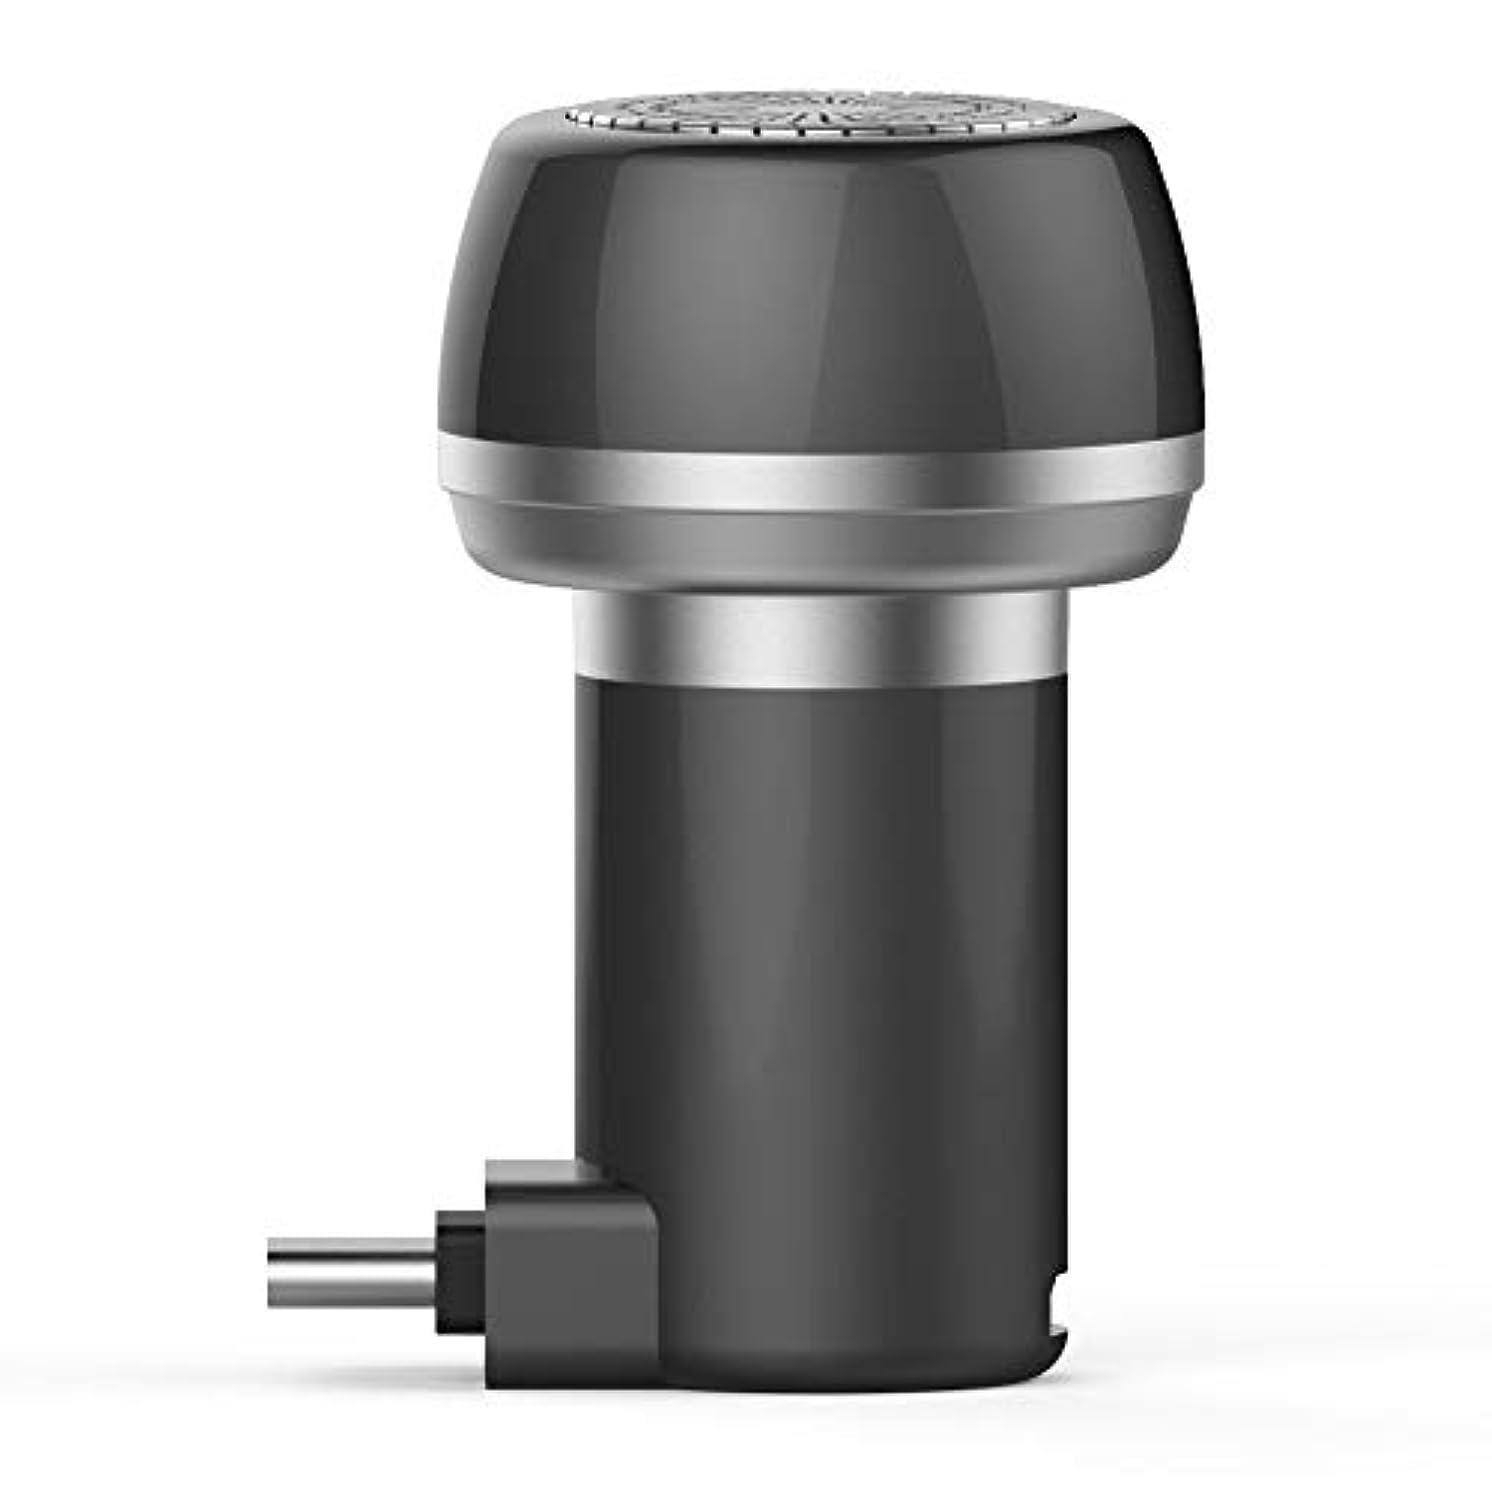 リテラシー暗唱するプレゼンテーションFuntoget 2 1磁気電気シェーバーミニポータブルType-C USB防水剃刀